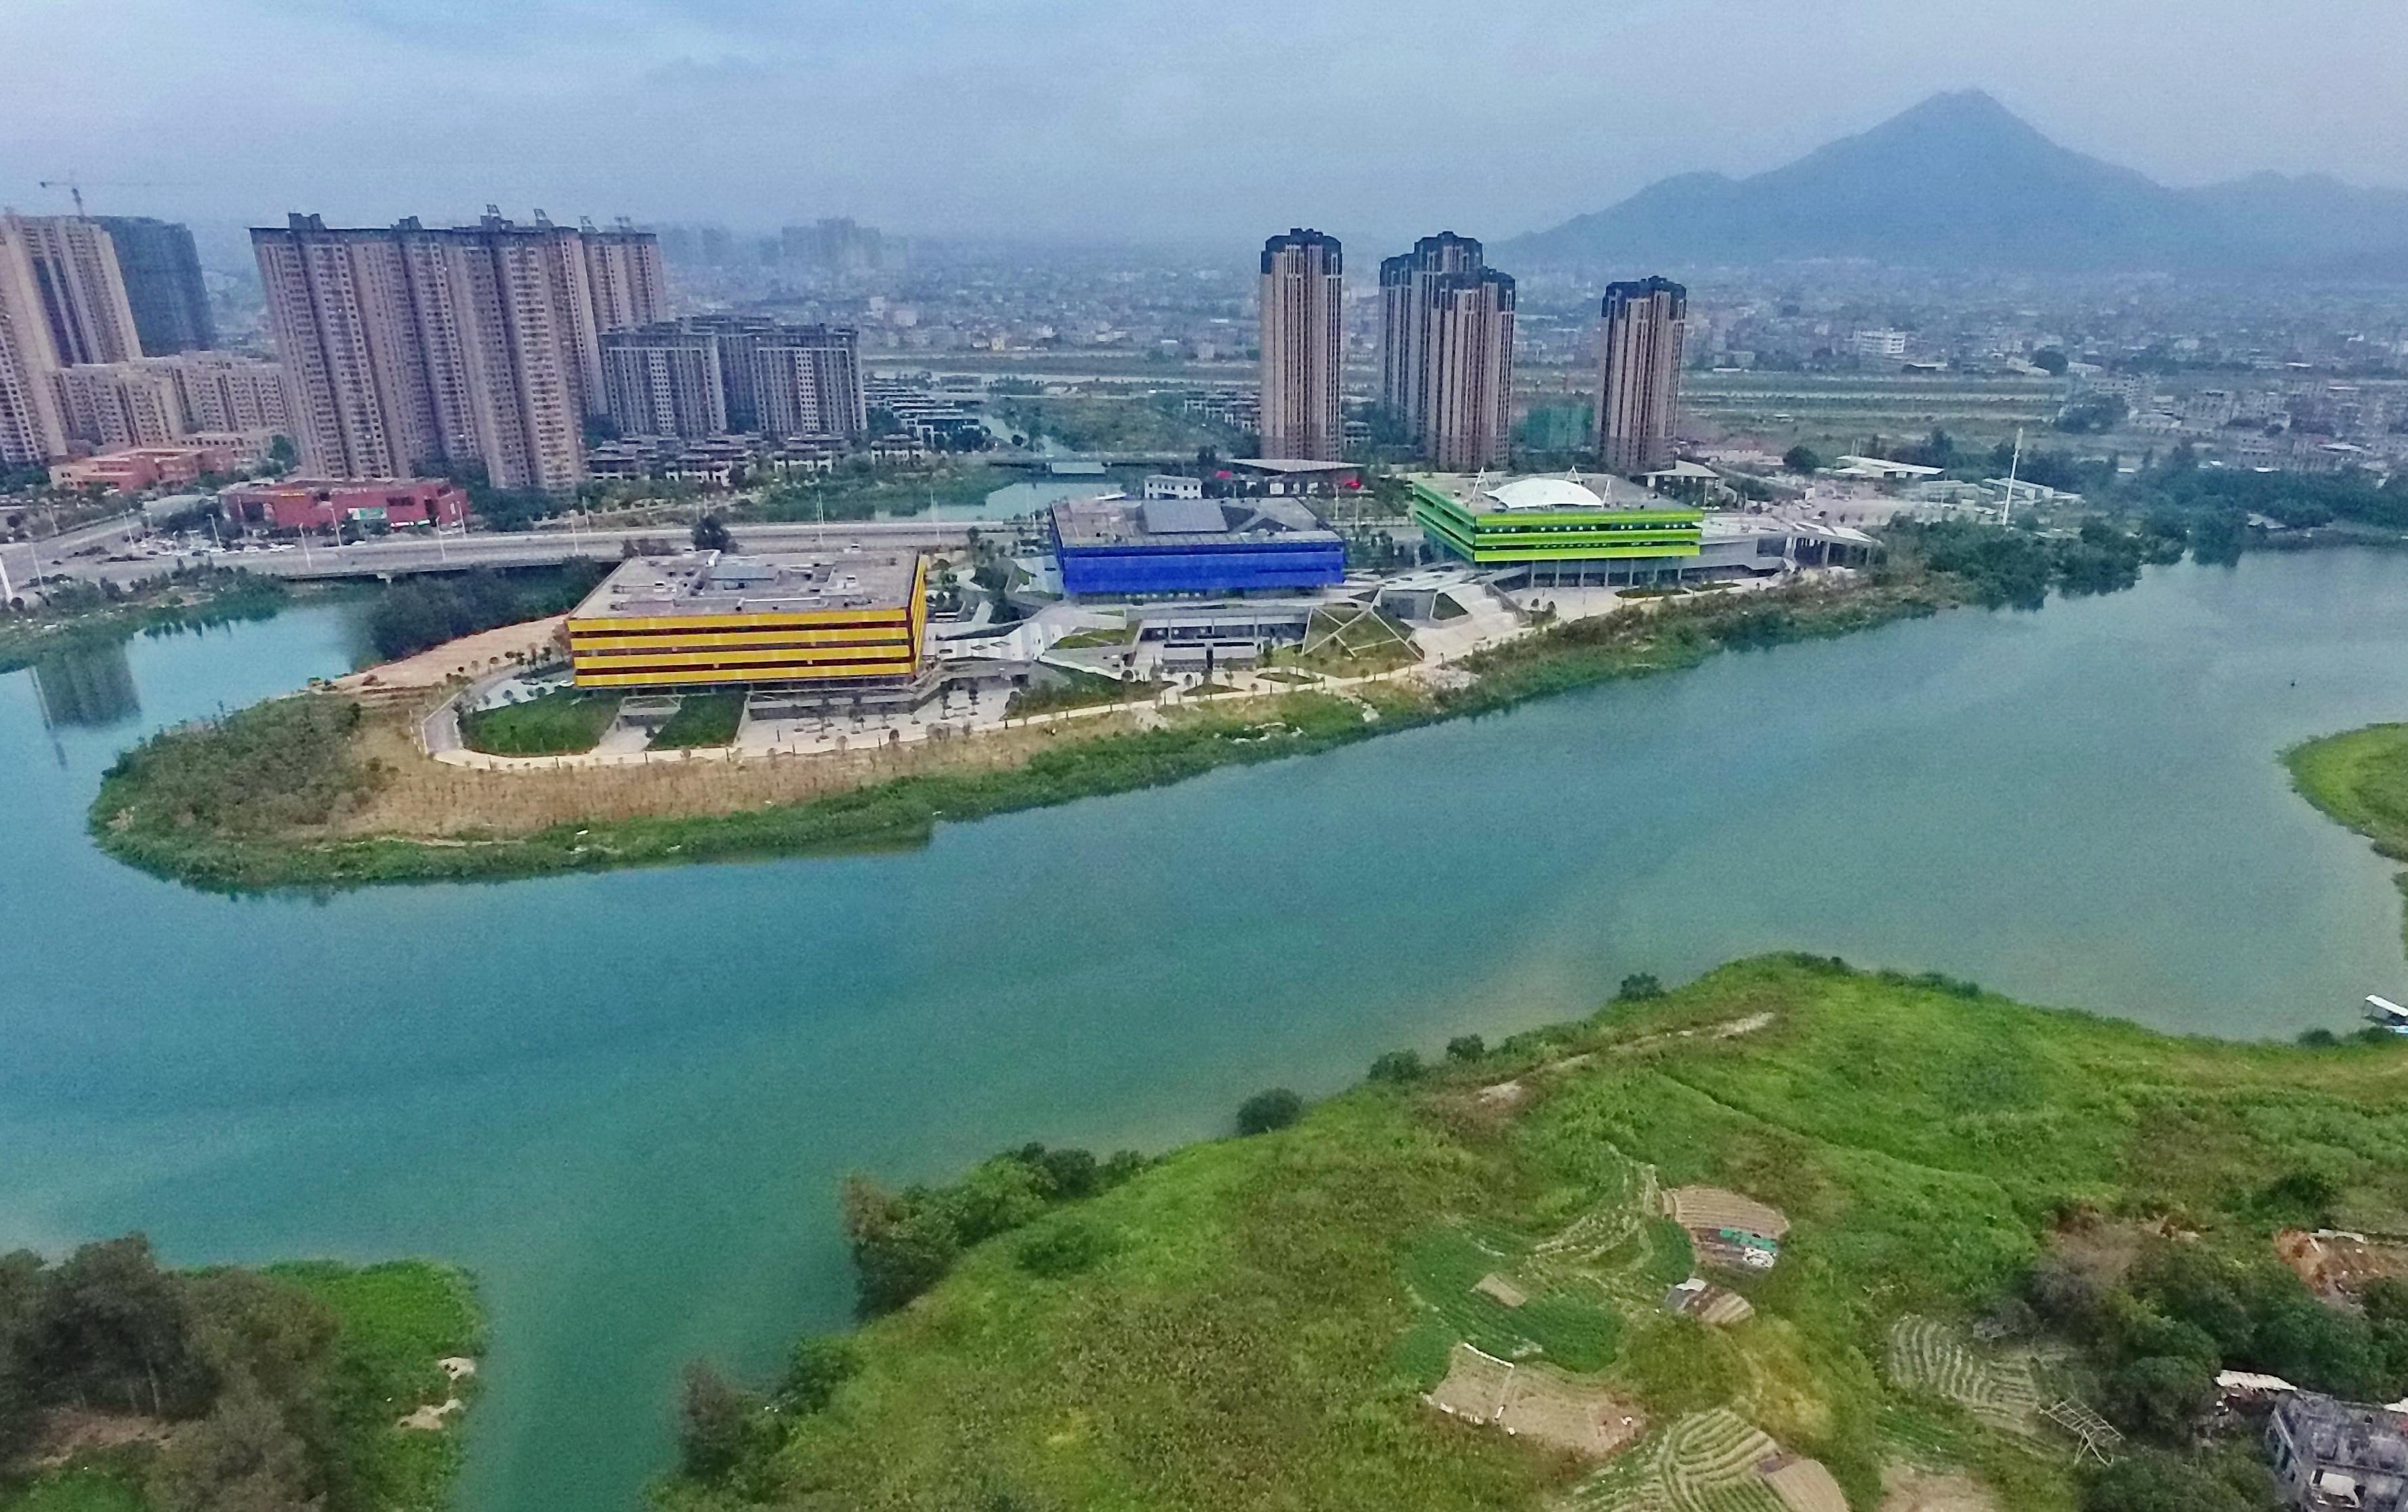 这是利用木兰溪流域旧河道开挖成的人工湖——玉湖。当地在此结合周边公共绿地,建设公共建筑,实现了现代建筑与自然景观浑然一体。